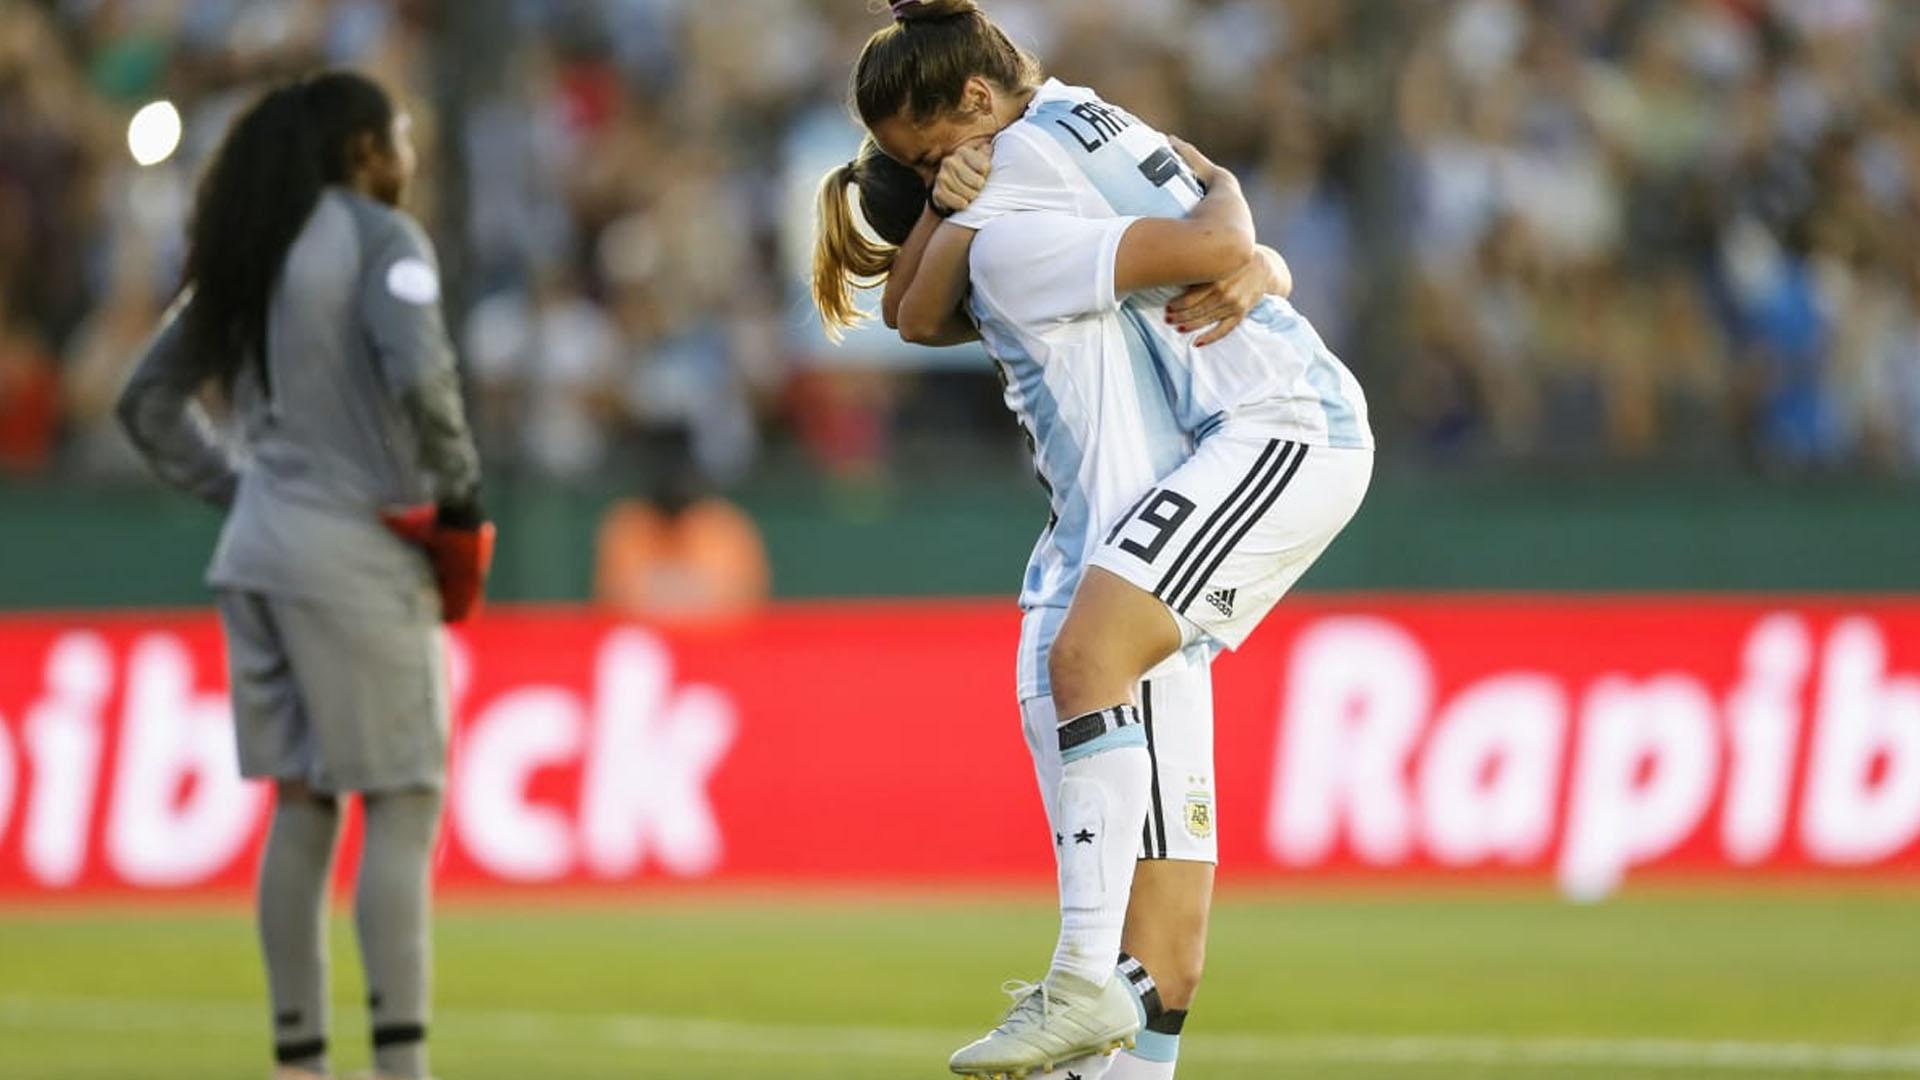 El seleccionado de fútbol femenino está a un paso de volver a disputar un Mundial luego de once años (Nicolás Aboaf)